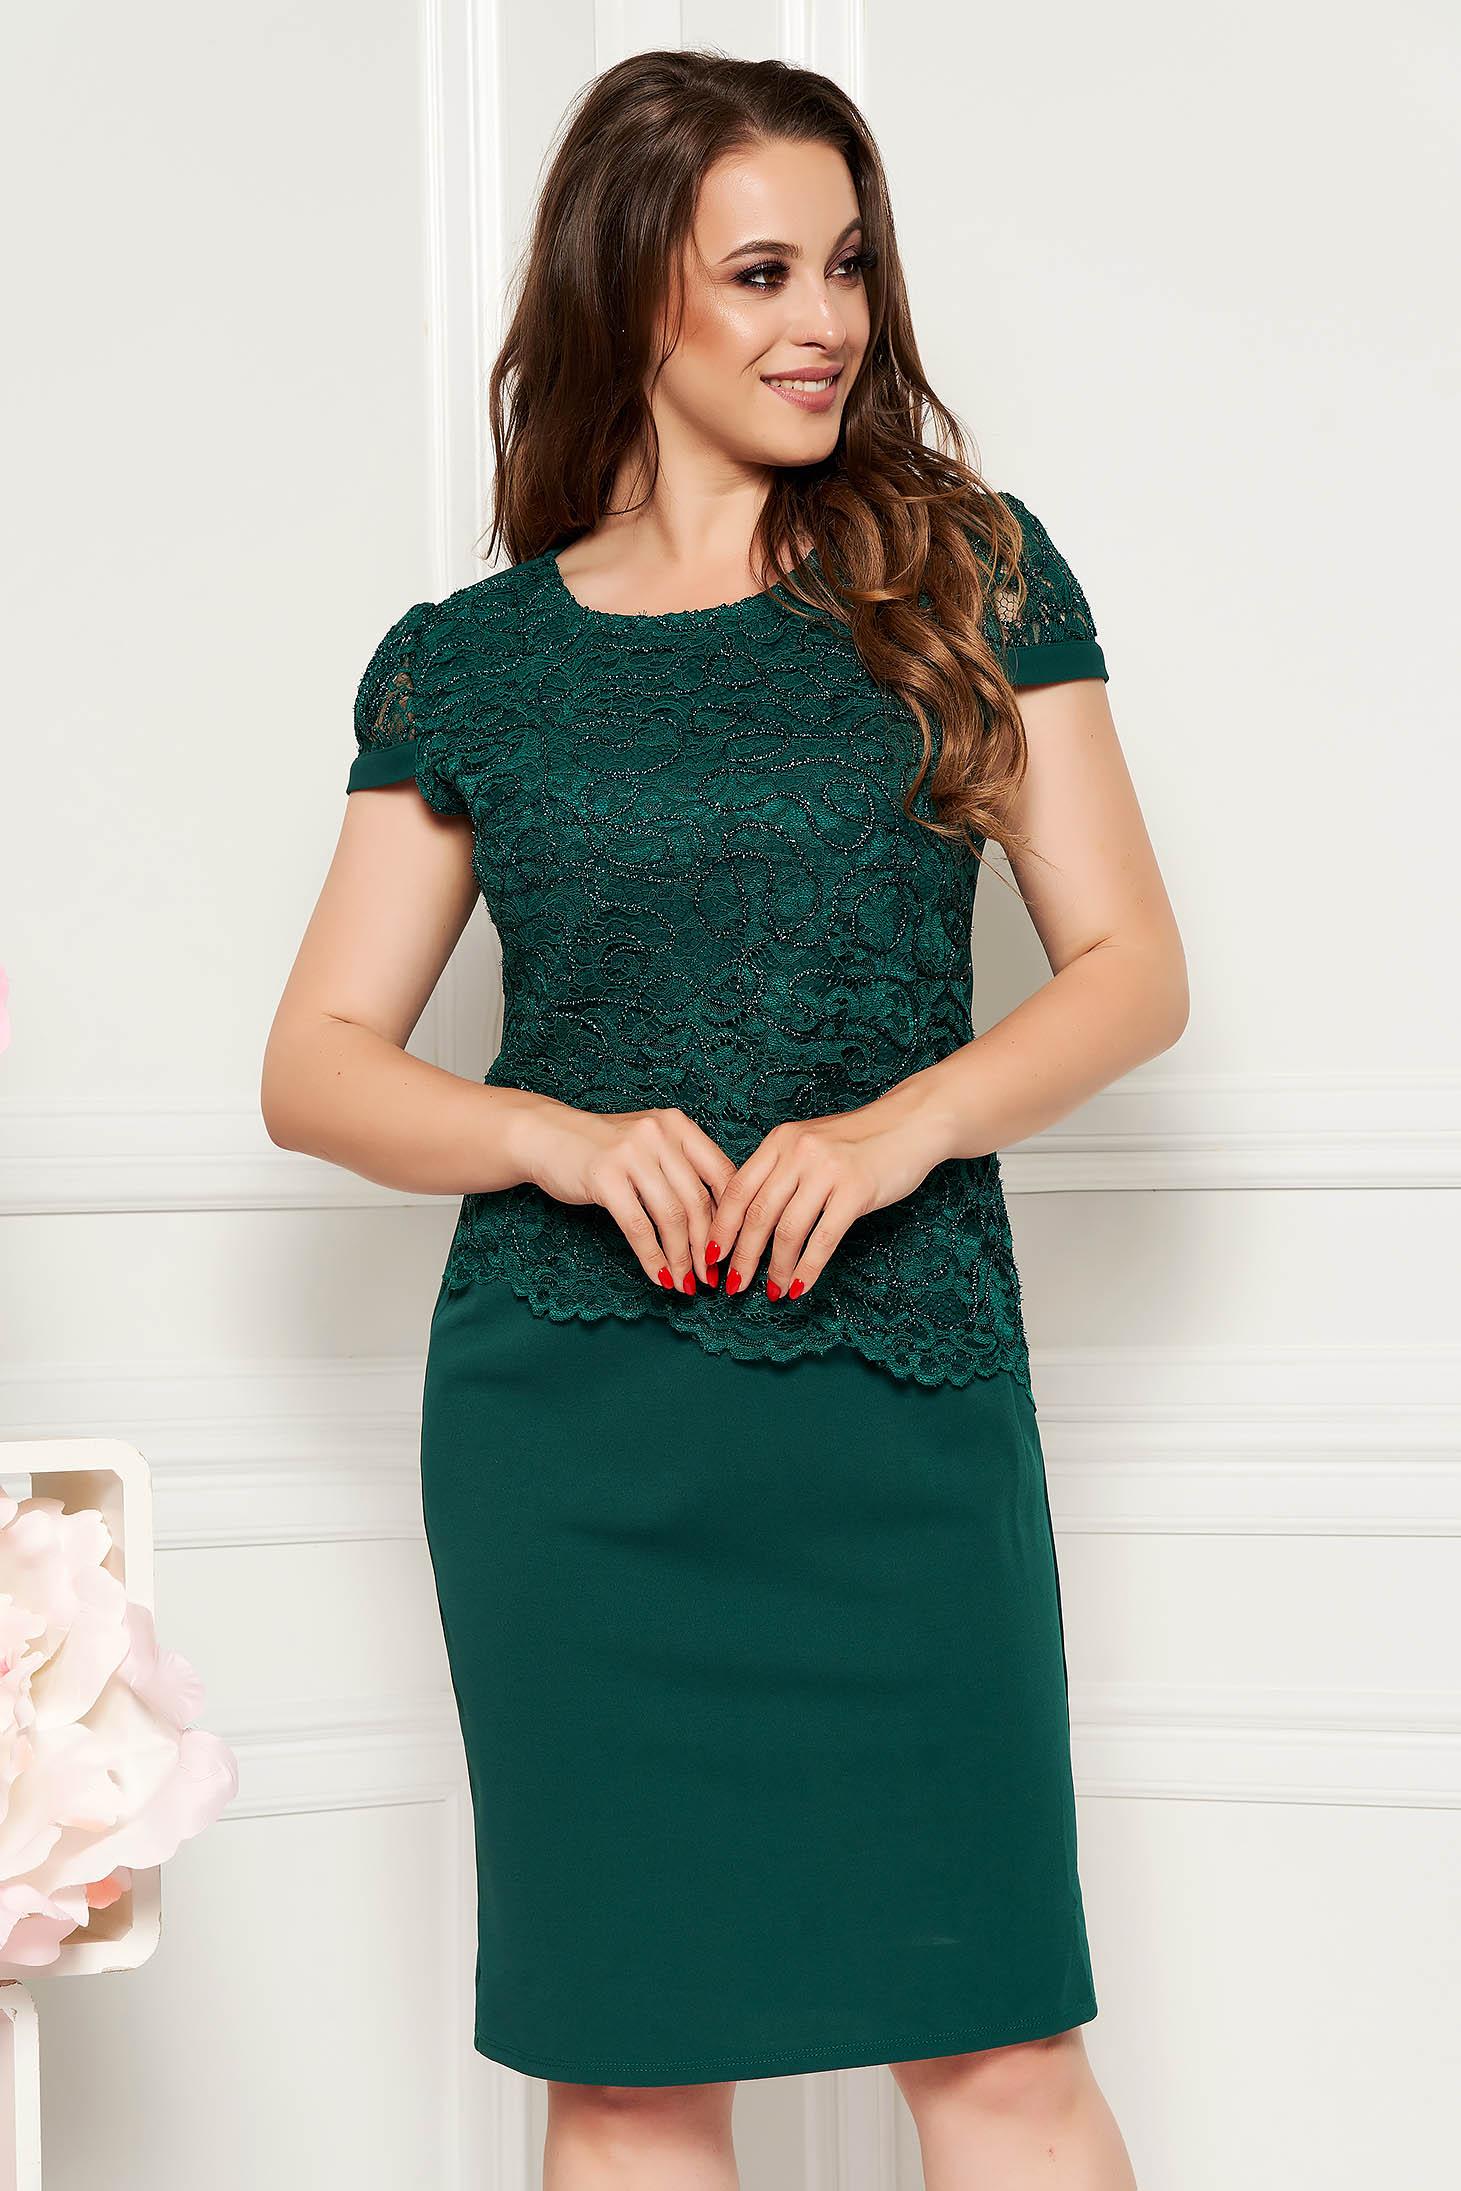 Rochie verde-inchis midi eleganta cu un croi drept din material subtire cu maneca scurta si suprapunere cu dantela